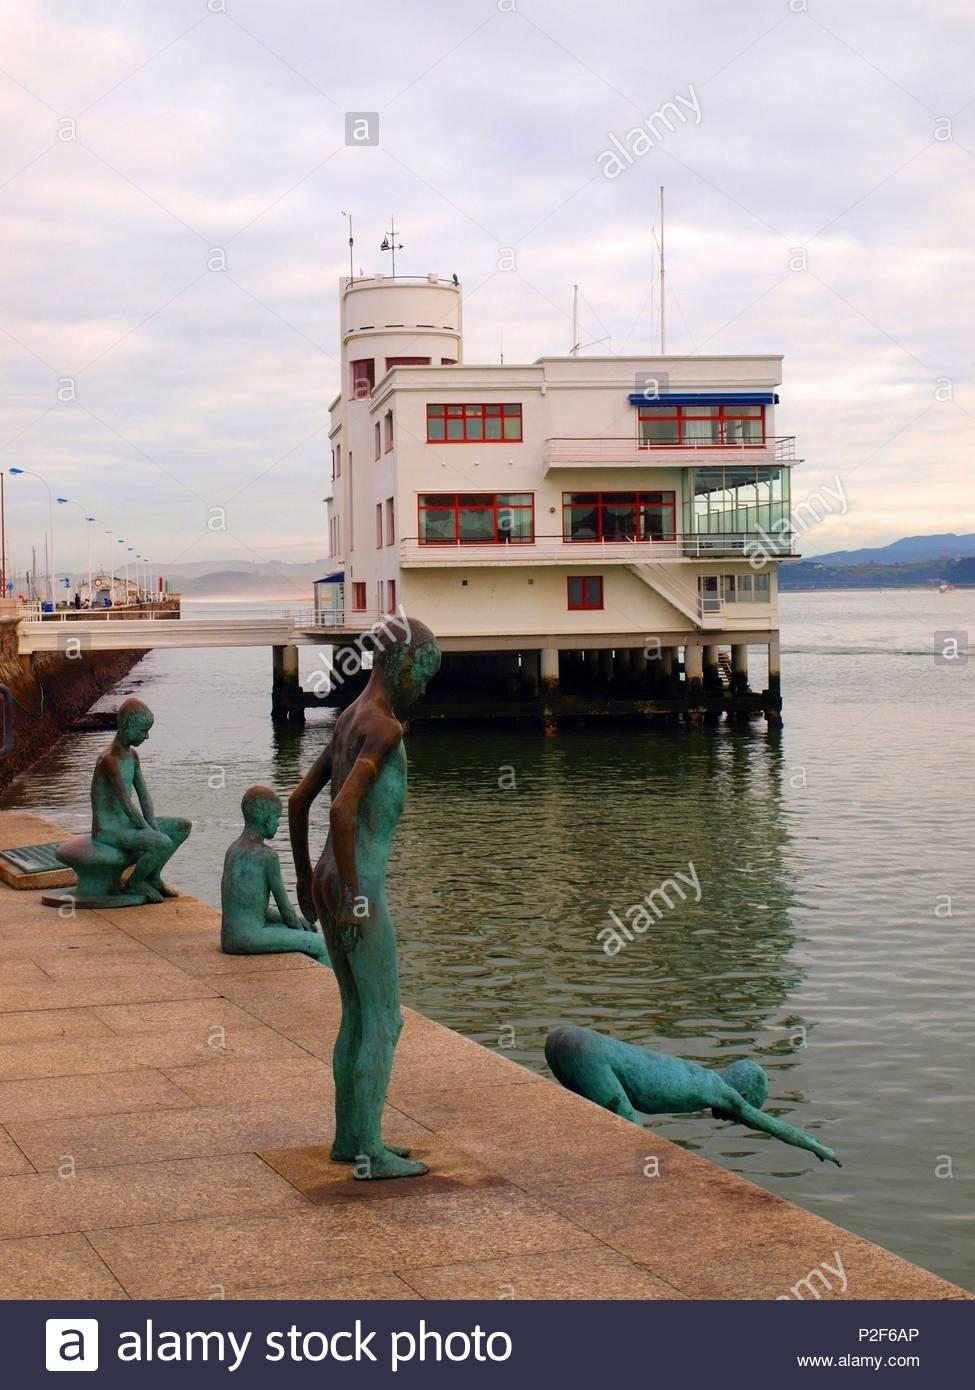 Escultura los Raqueros del escultor Jose Cobo Calderon, muelle Calderon, Santander. - Stock Image